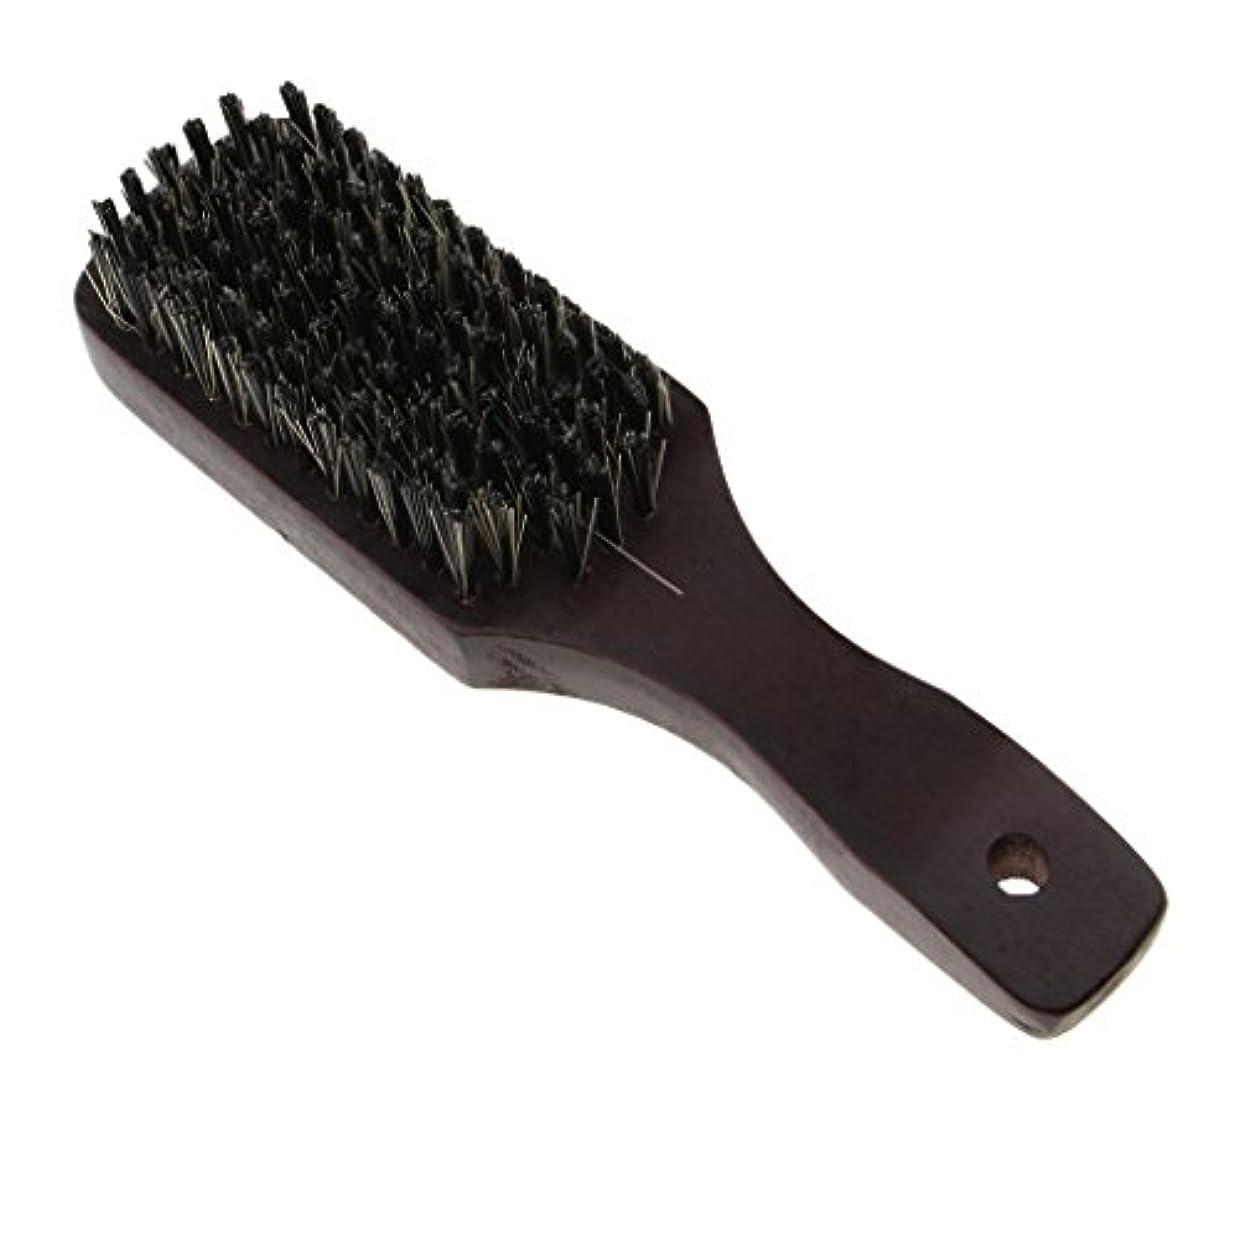 慈悲請願者お父さんDYNWAVE ヘアブラシ 髪の櫛 木製 サロン バリバー アフロ ヘアピック ブラシ 櫛